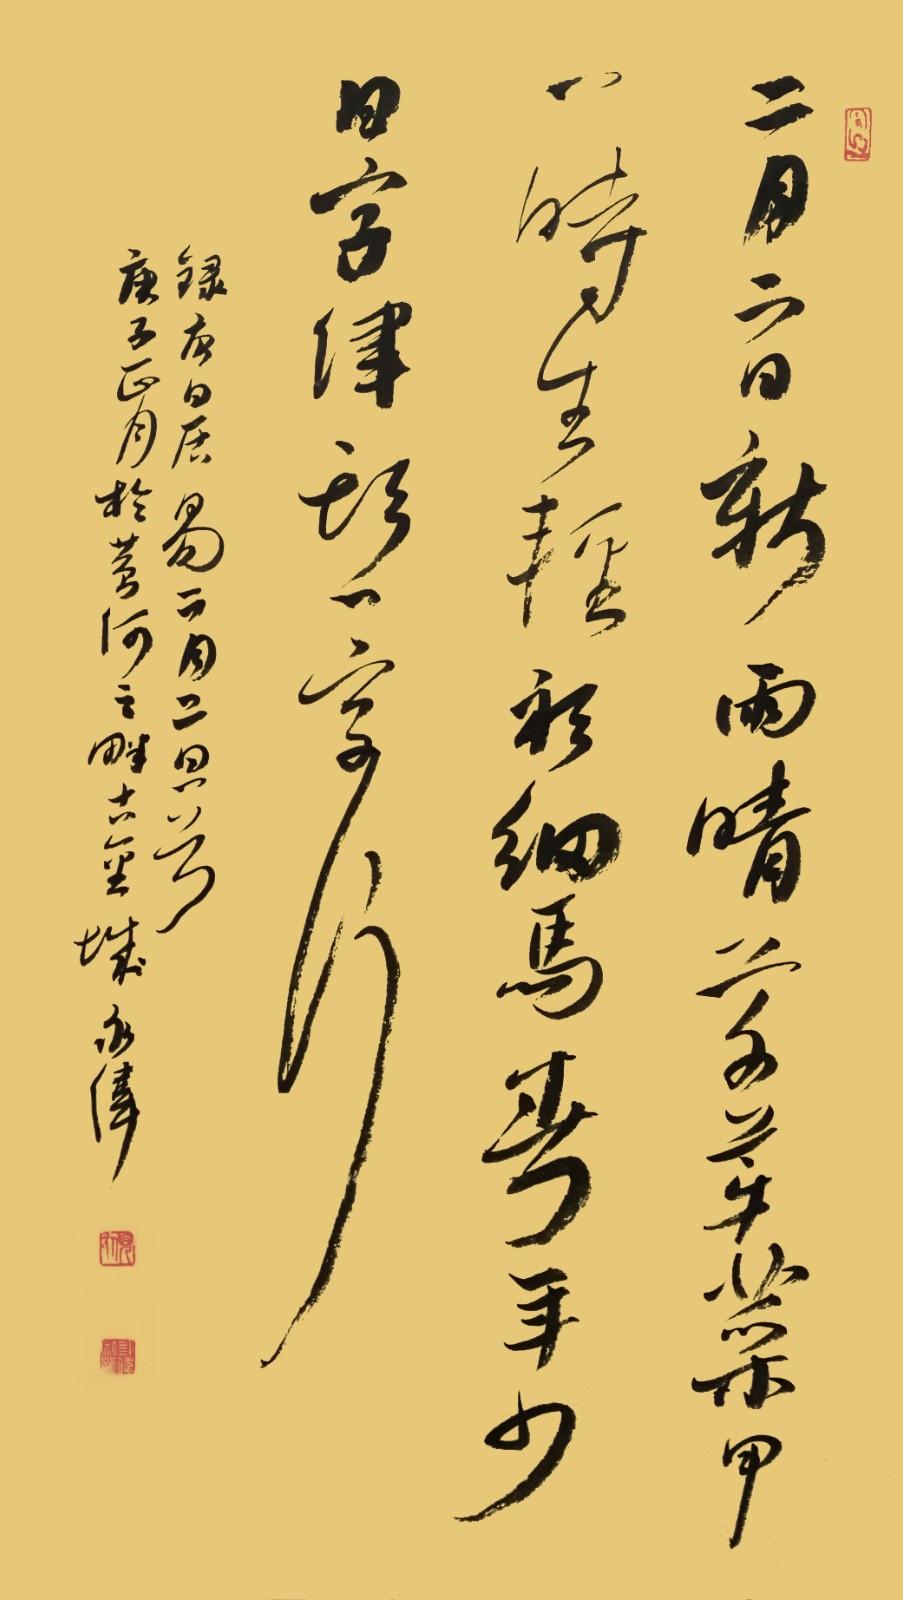 大敦煌丨落笔见精微——倪永伟书法艺术述评